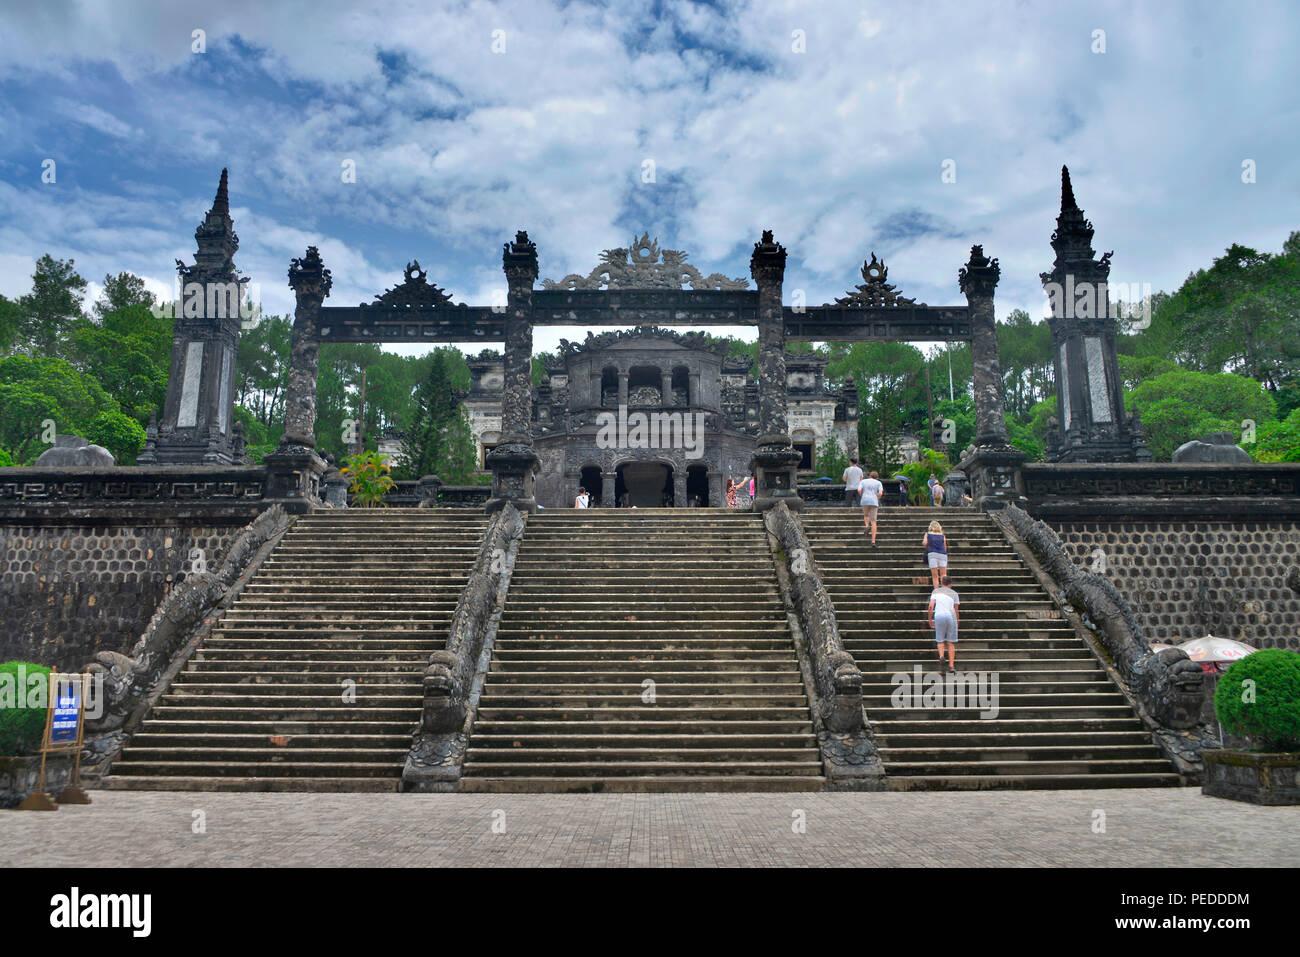 Kaisergrab Khai Dinh, Hue, Vietnam - Stock Image